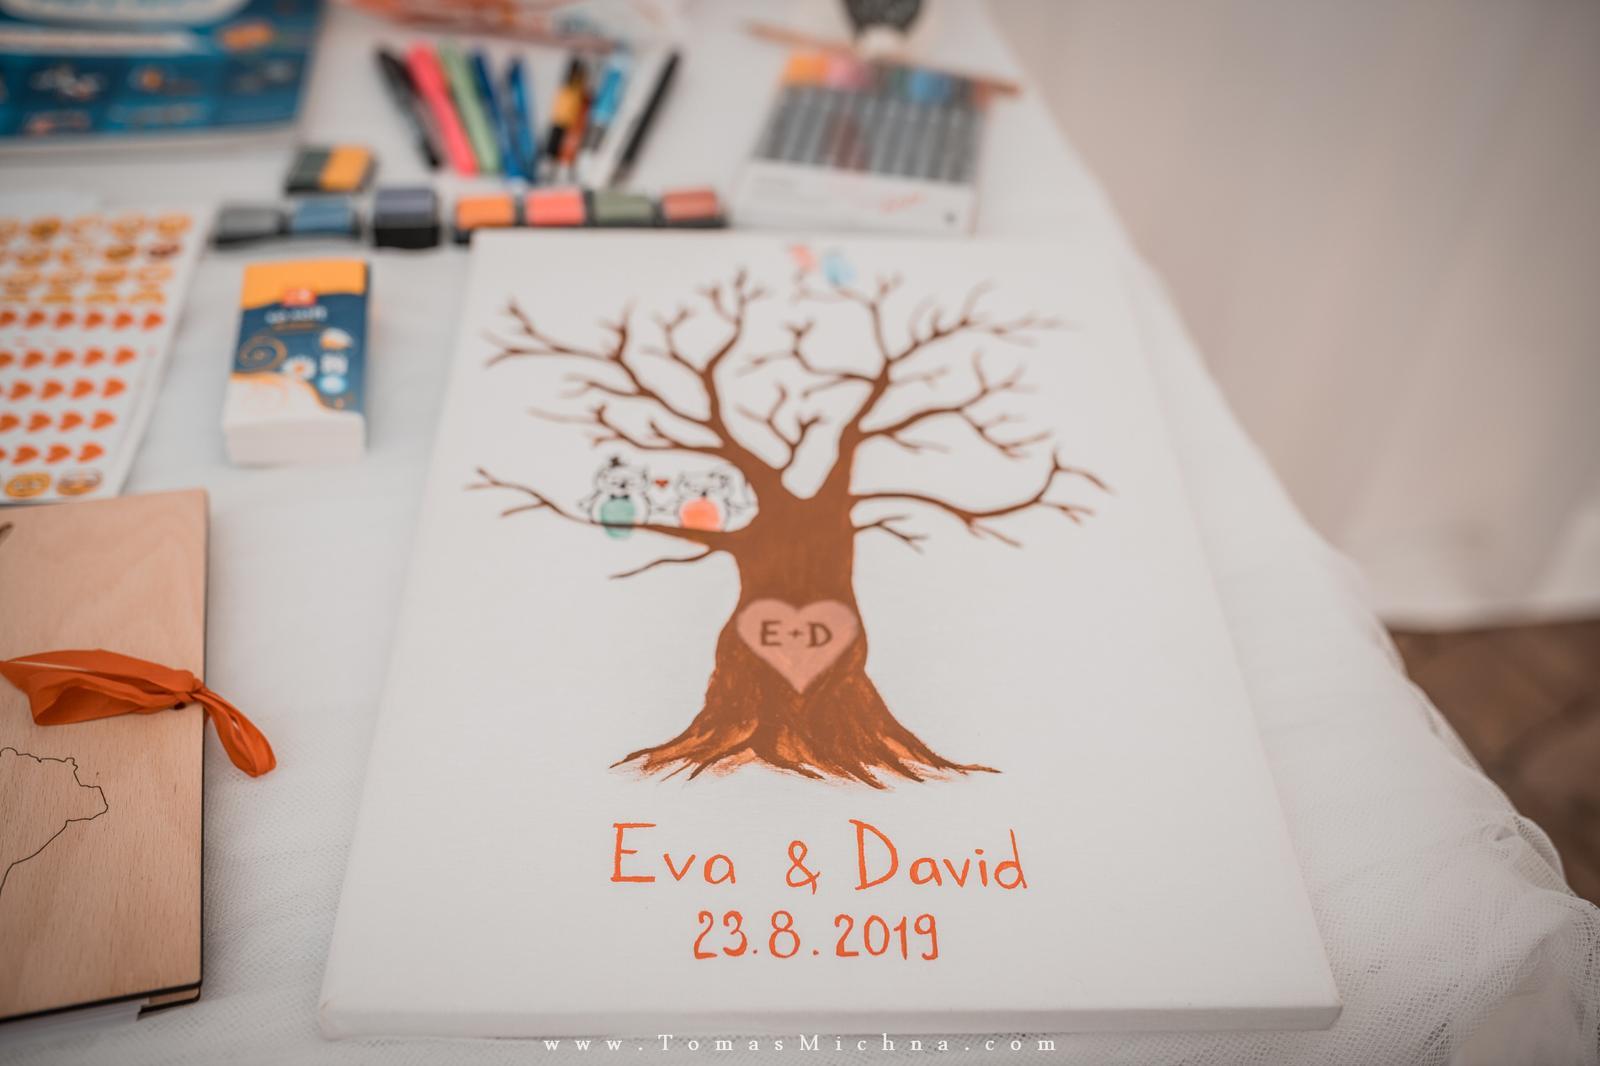 ♥ Eva & David ♥ - Obrázek č. 4